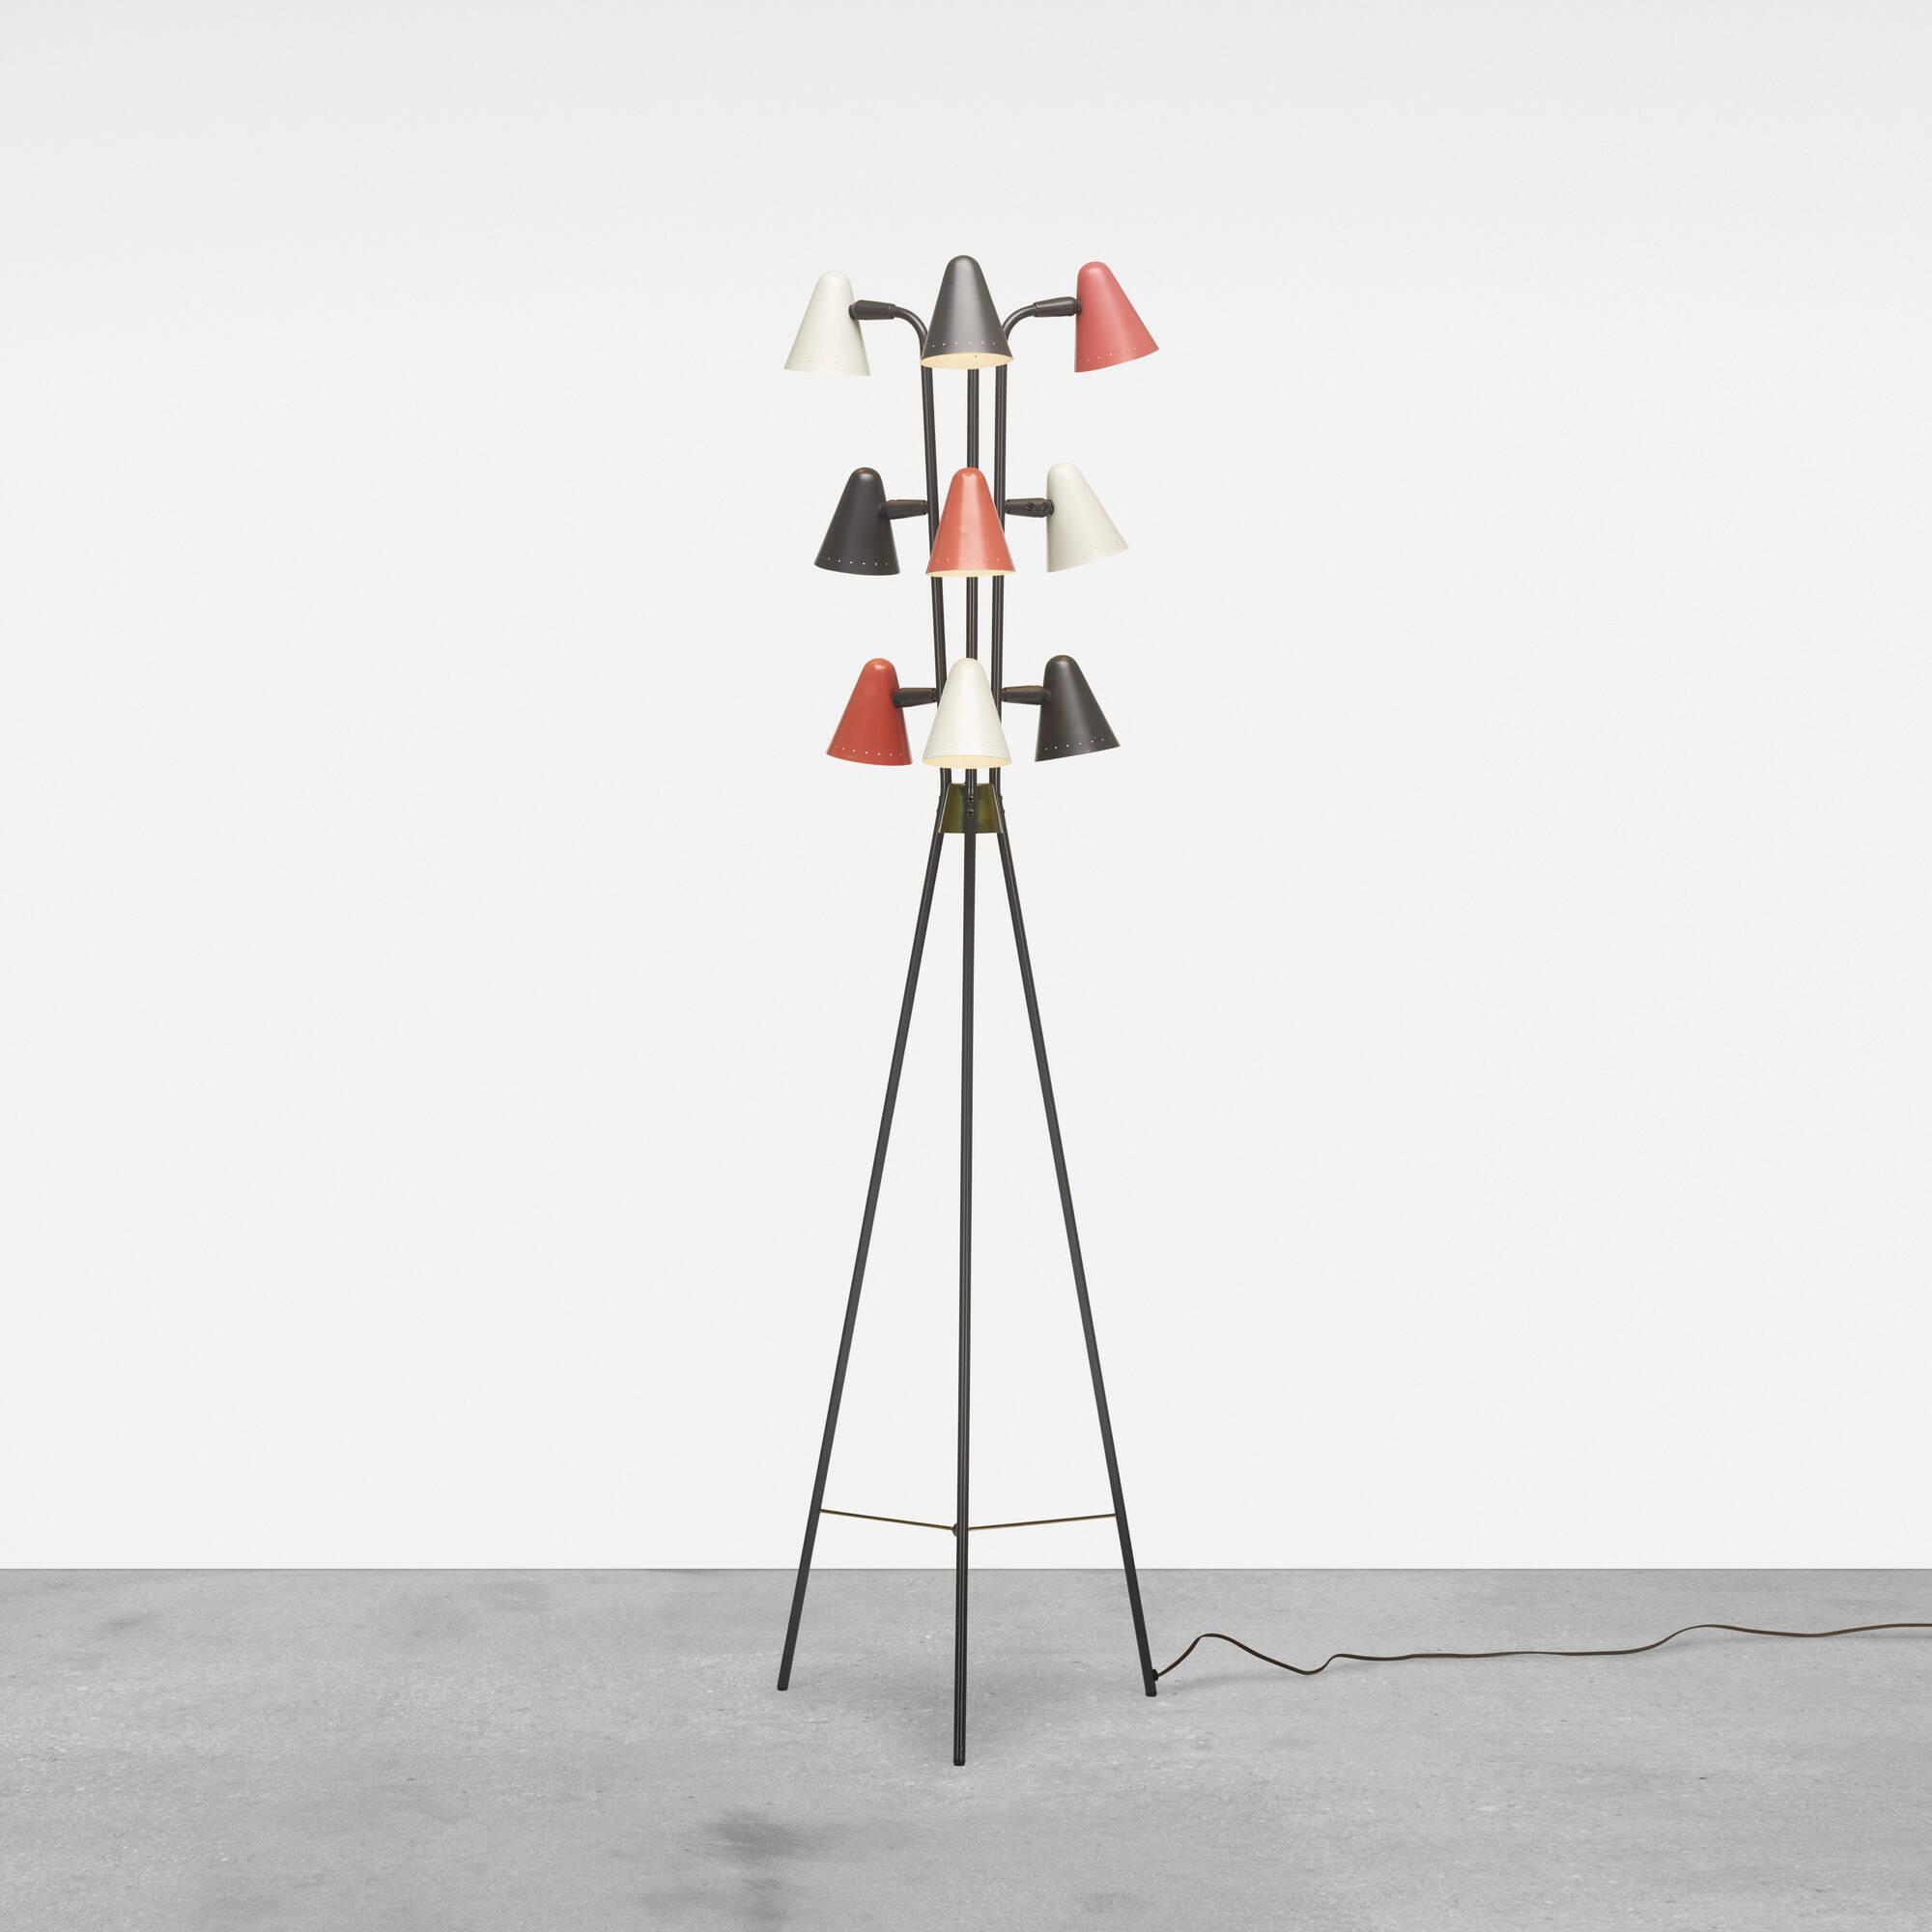 377 gerald thurston floor lamp design 8 june 2017 auctions 377 gerald thurston floor lamp 1 of 2 geotapseo Image collections